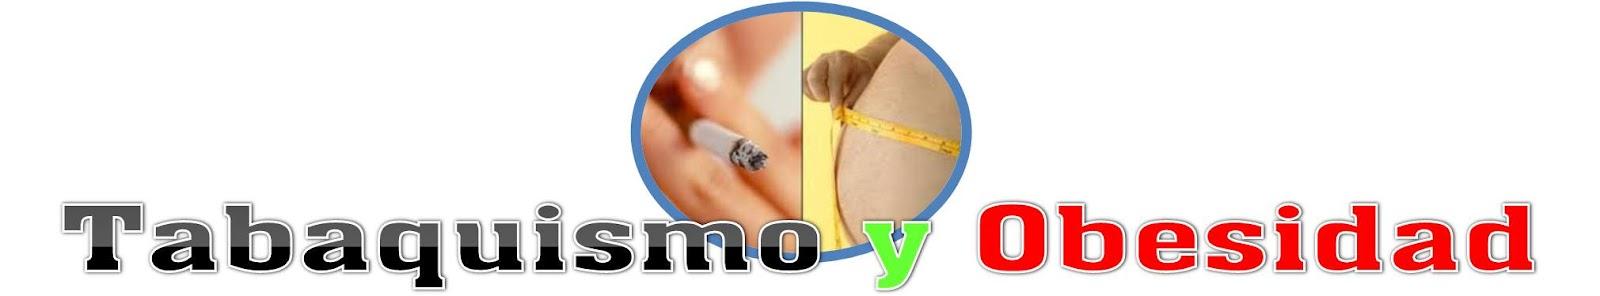 Tabaquismo y Obesidad | Oscar POE - Periodismo alternativo